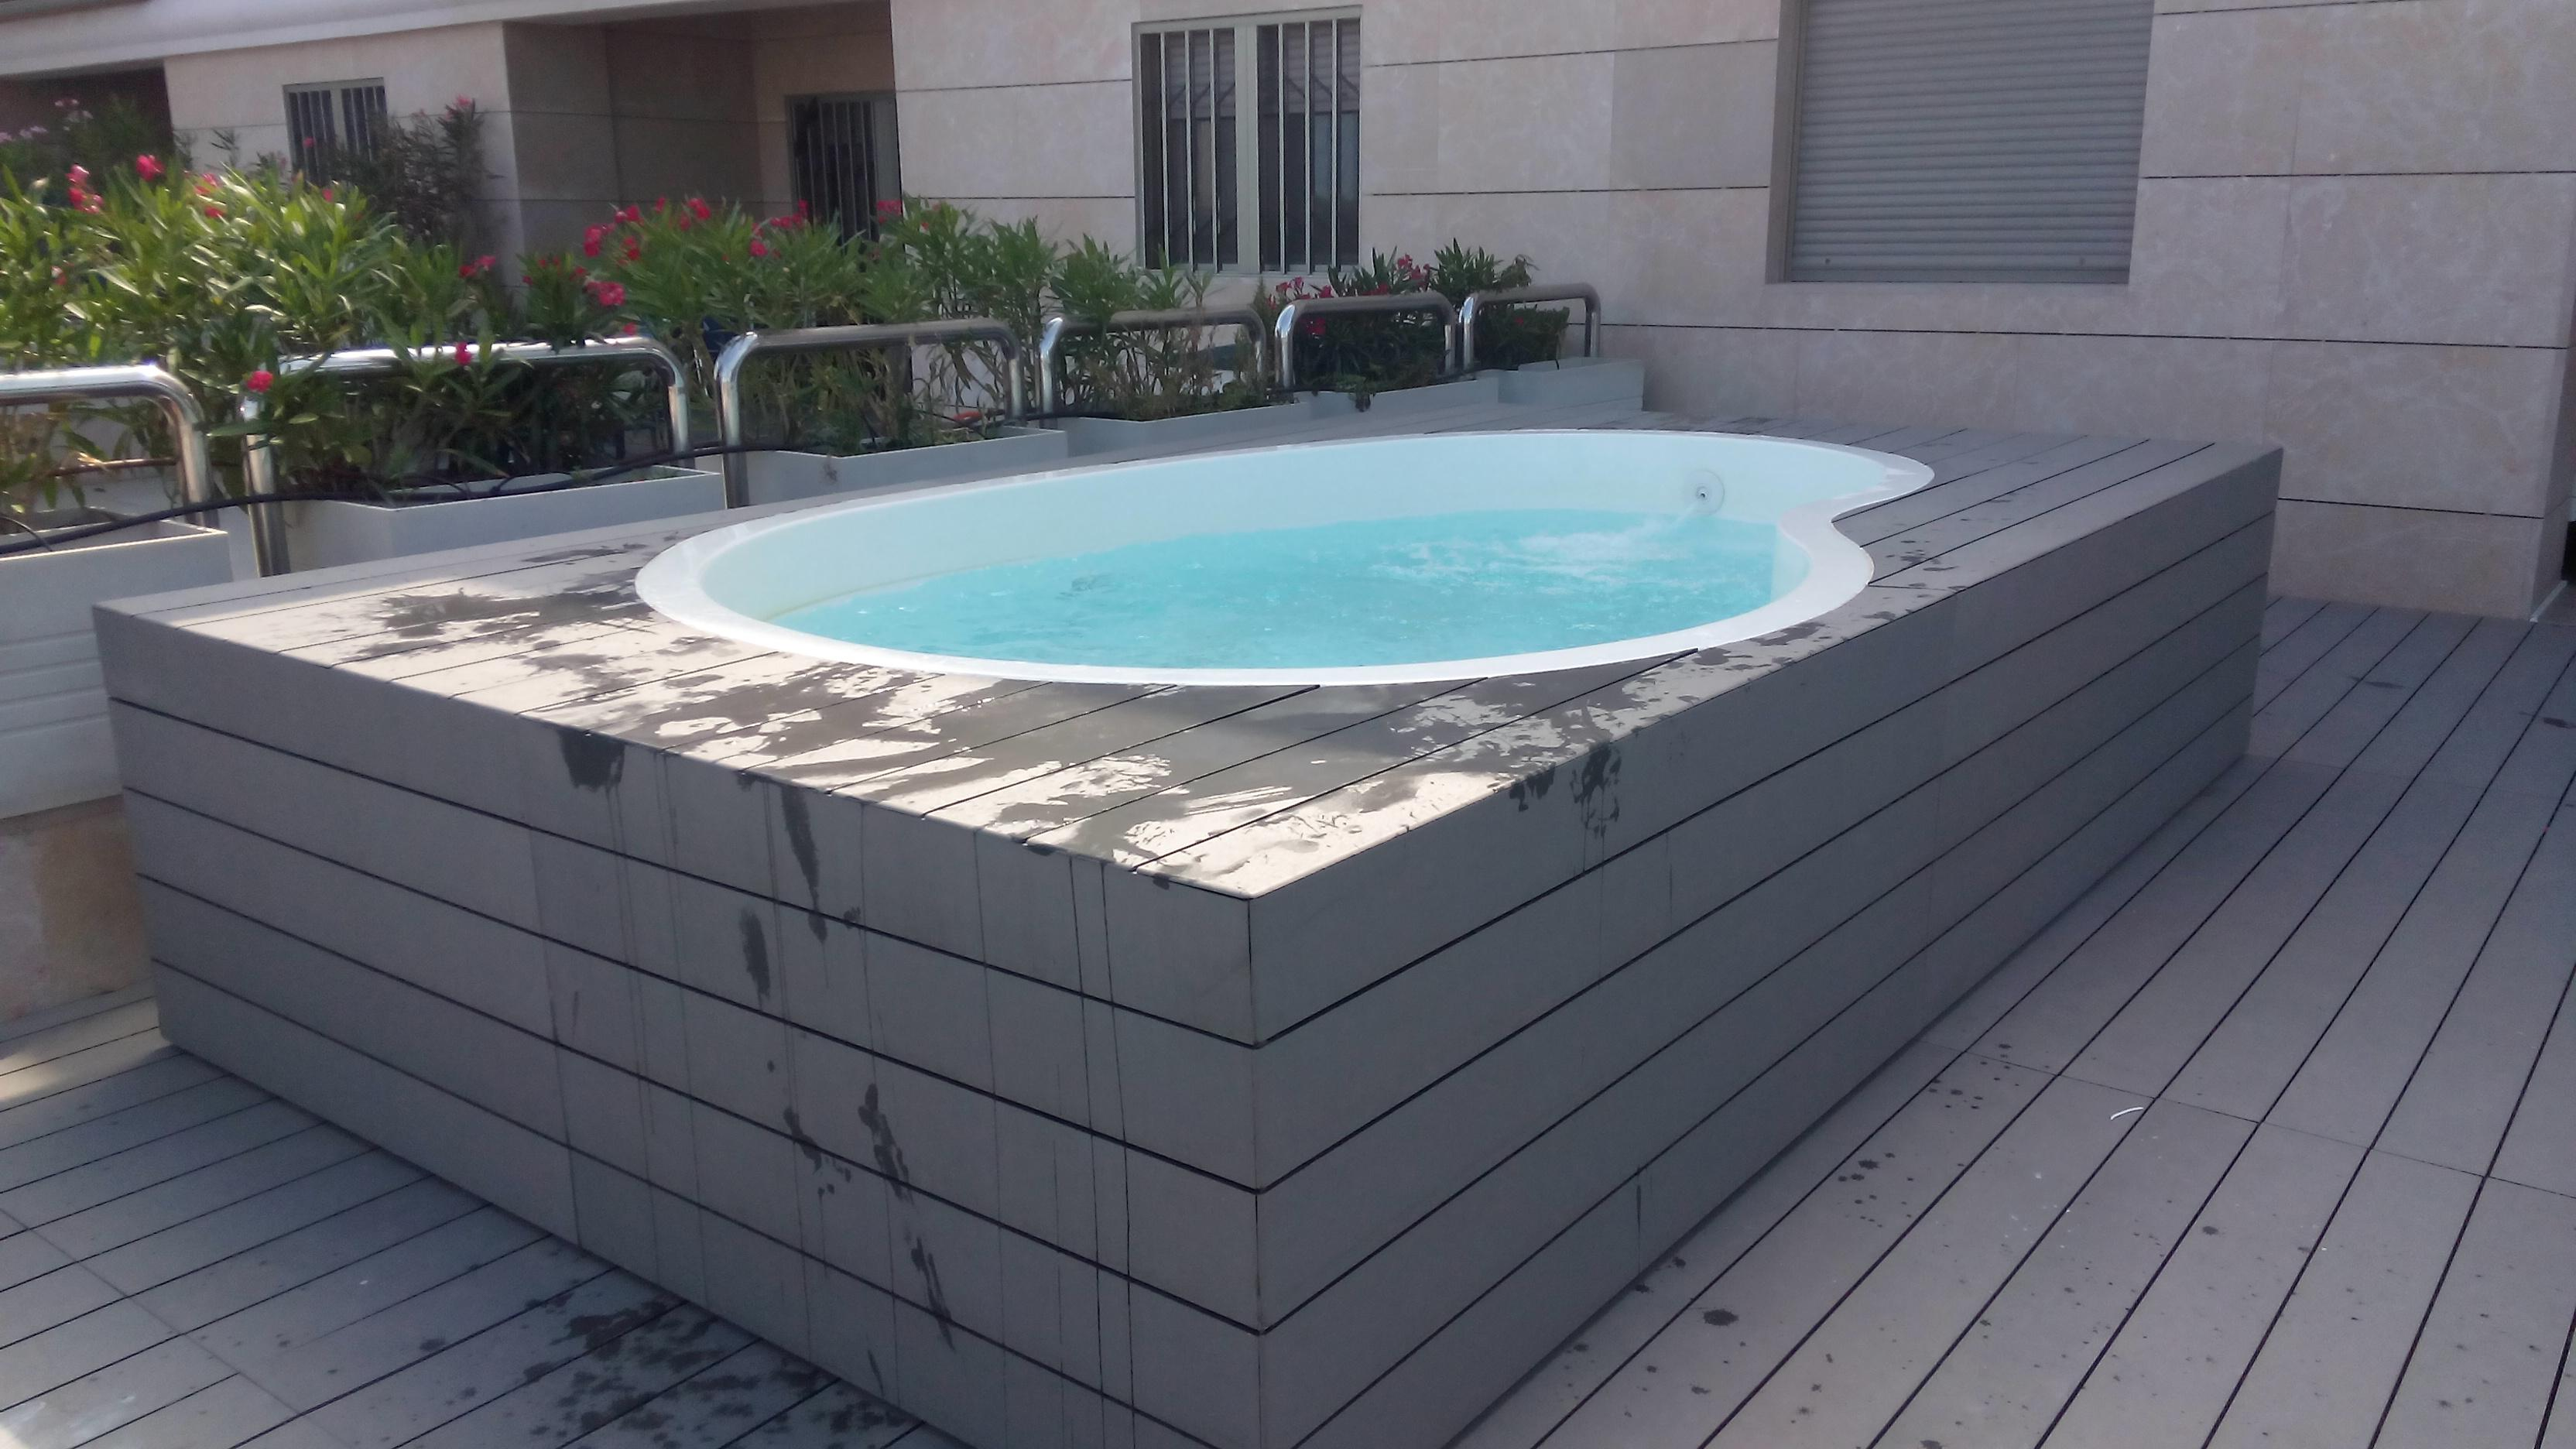 Piscinas de fibra piscina de poliester piscinas de for Diseno de piscinas pdf